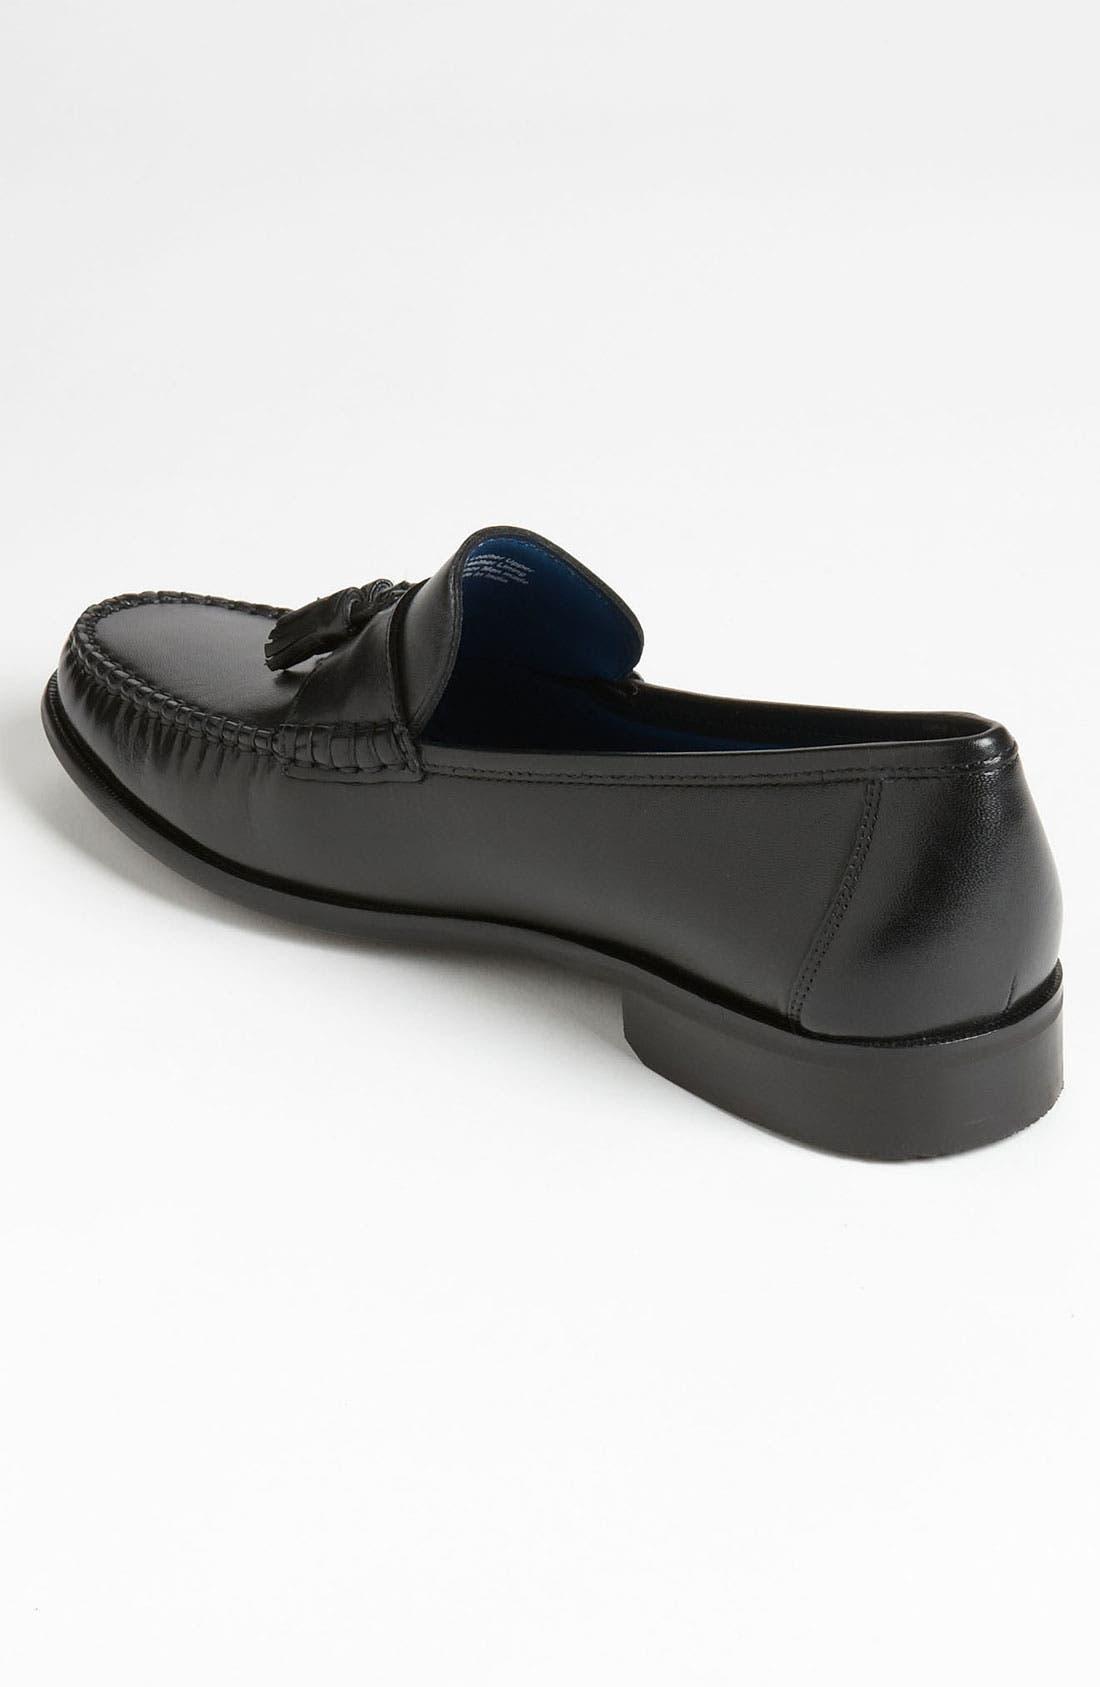 Alternate Image 2  - Florsheim 'Sarasota' Tassel Loafer